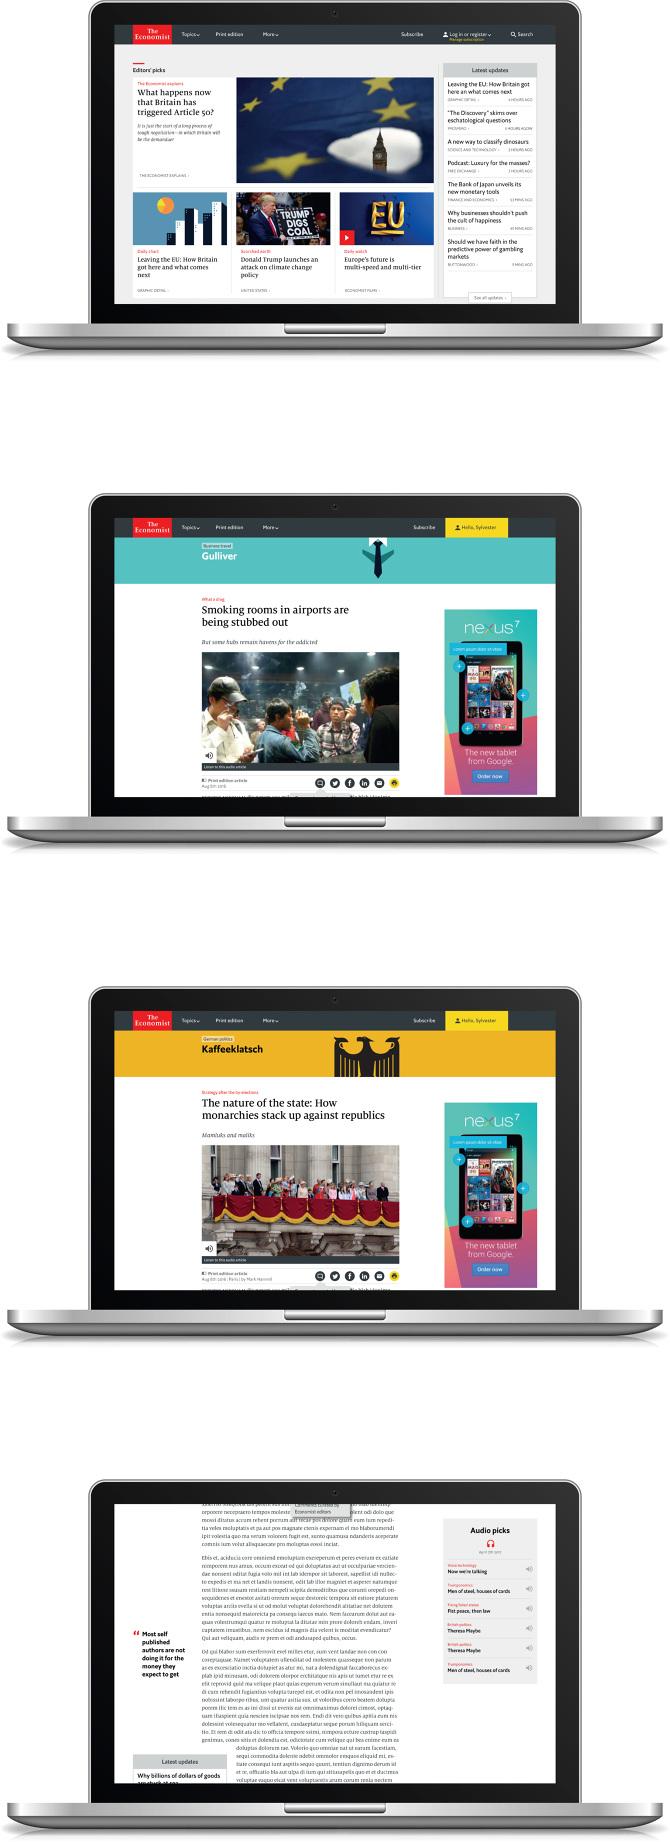 Rediseño de Economist.com, Stephen Petch , diseño y dirección de arte.